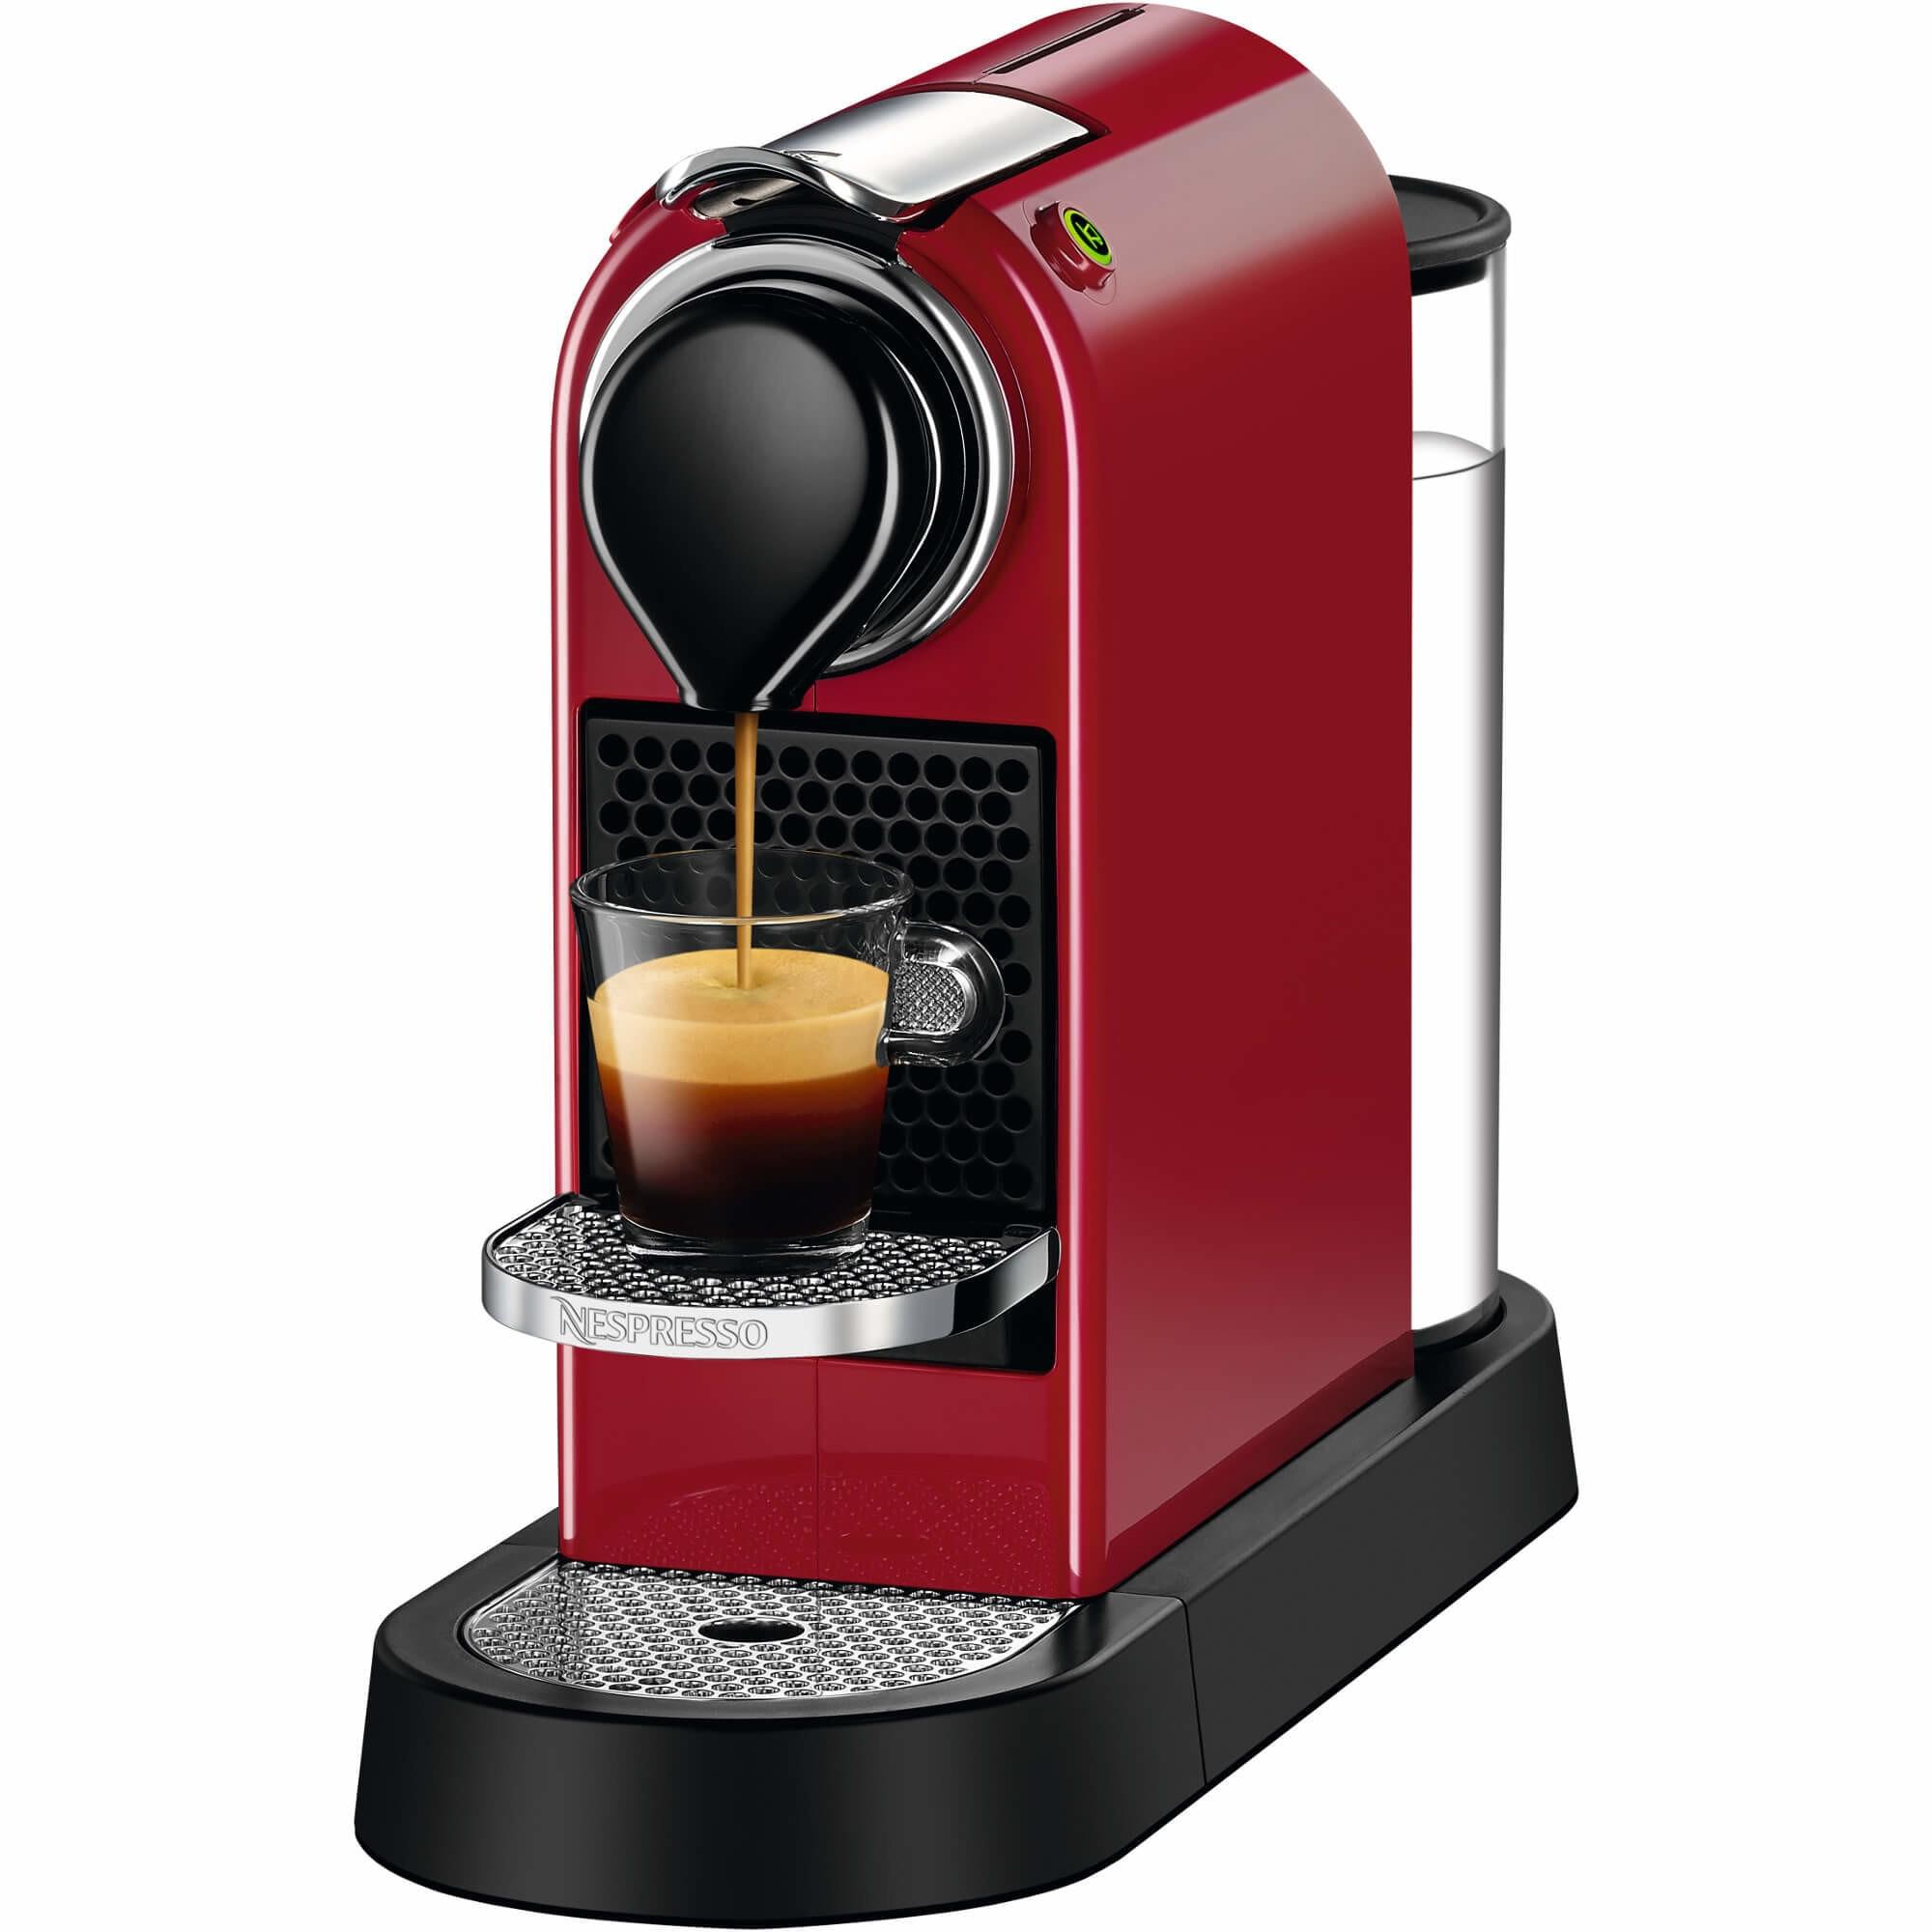 Fotografie Espressor Nespresso CitiZ Cherry Red C112-EU-CR-NE, 19 bari, 1260 W, 1 l, Rosu + 14 capsule cadou